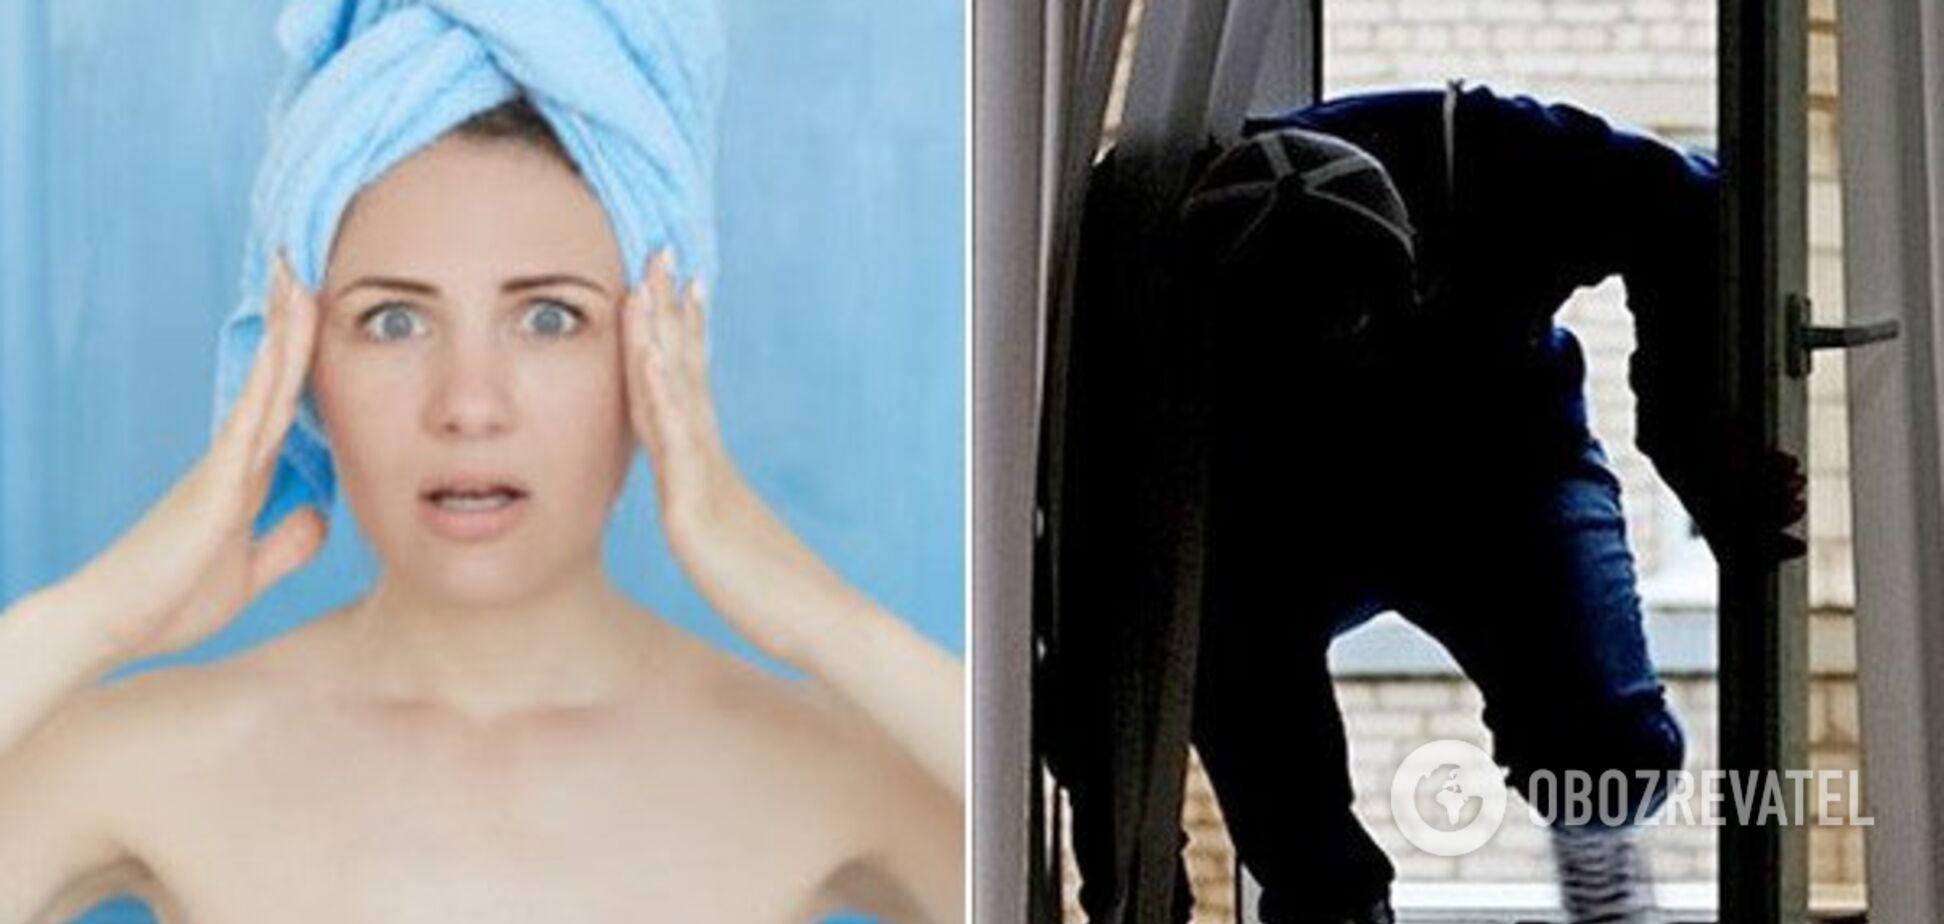 Ліз в жіночу душову: в Дніпрі невідомий поставив на вуха гуртожиток